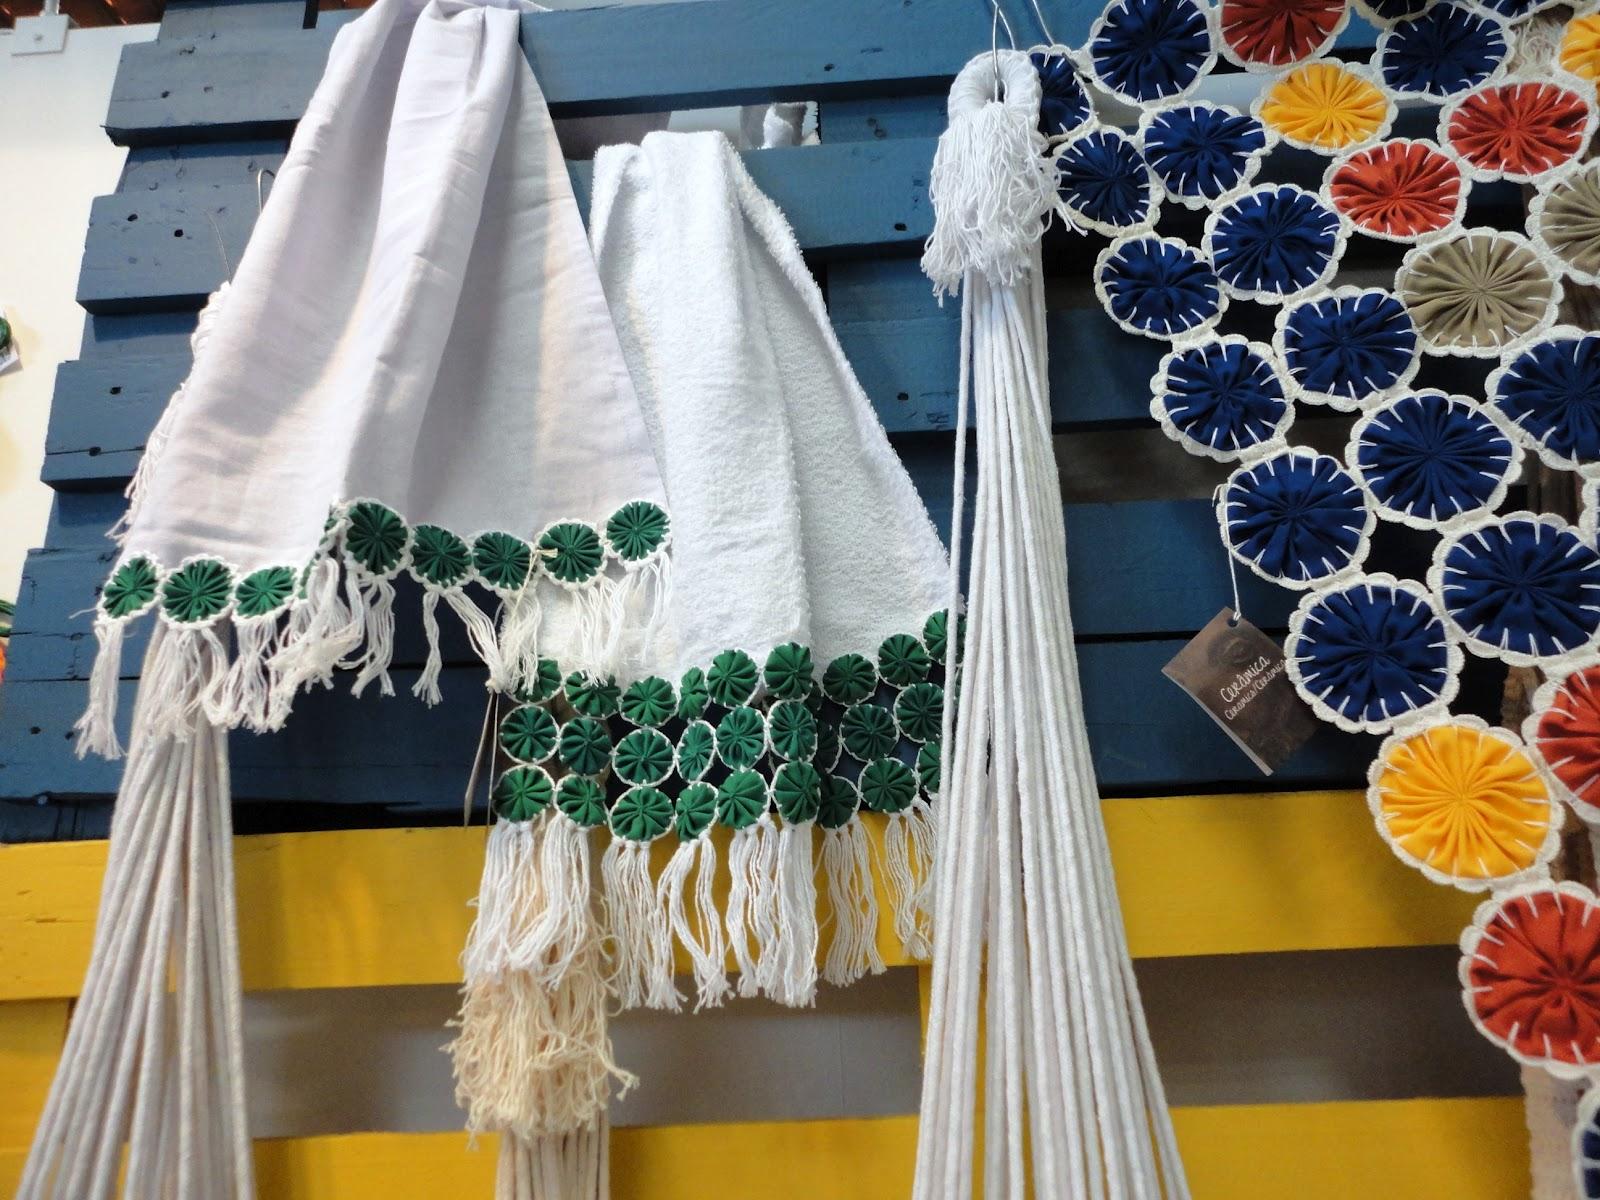 Adesivo Decorativo Para Potes De Vidro ~ BLOG DE BOA SA u00daDE Boa Saúde Rio Grande do Norte Brasil O ARTESANATO POTIGUAR NO SALÃO DO